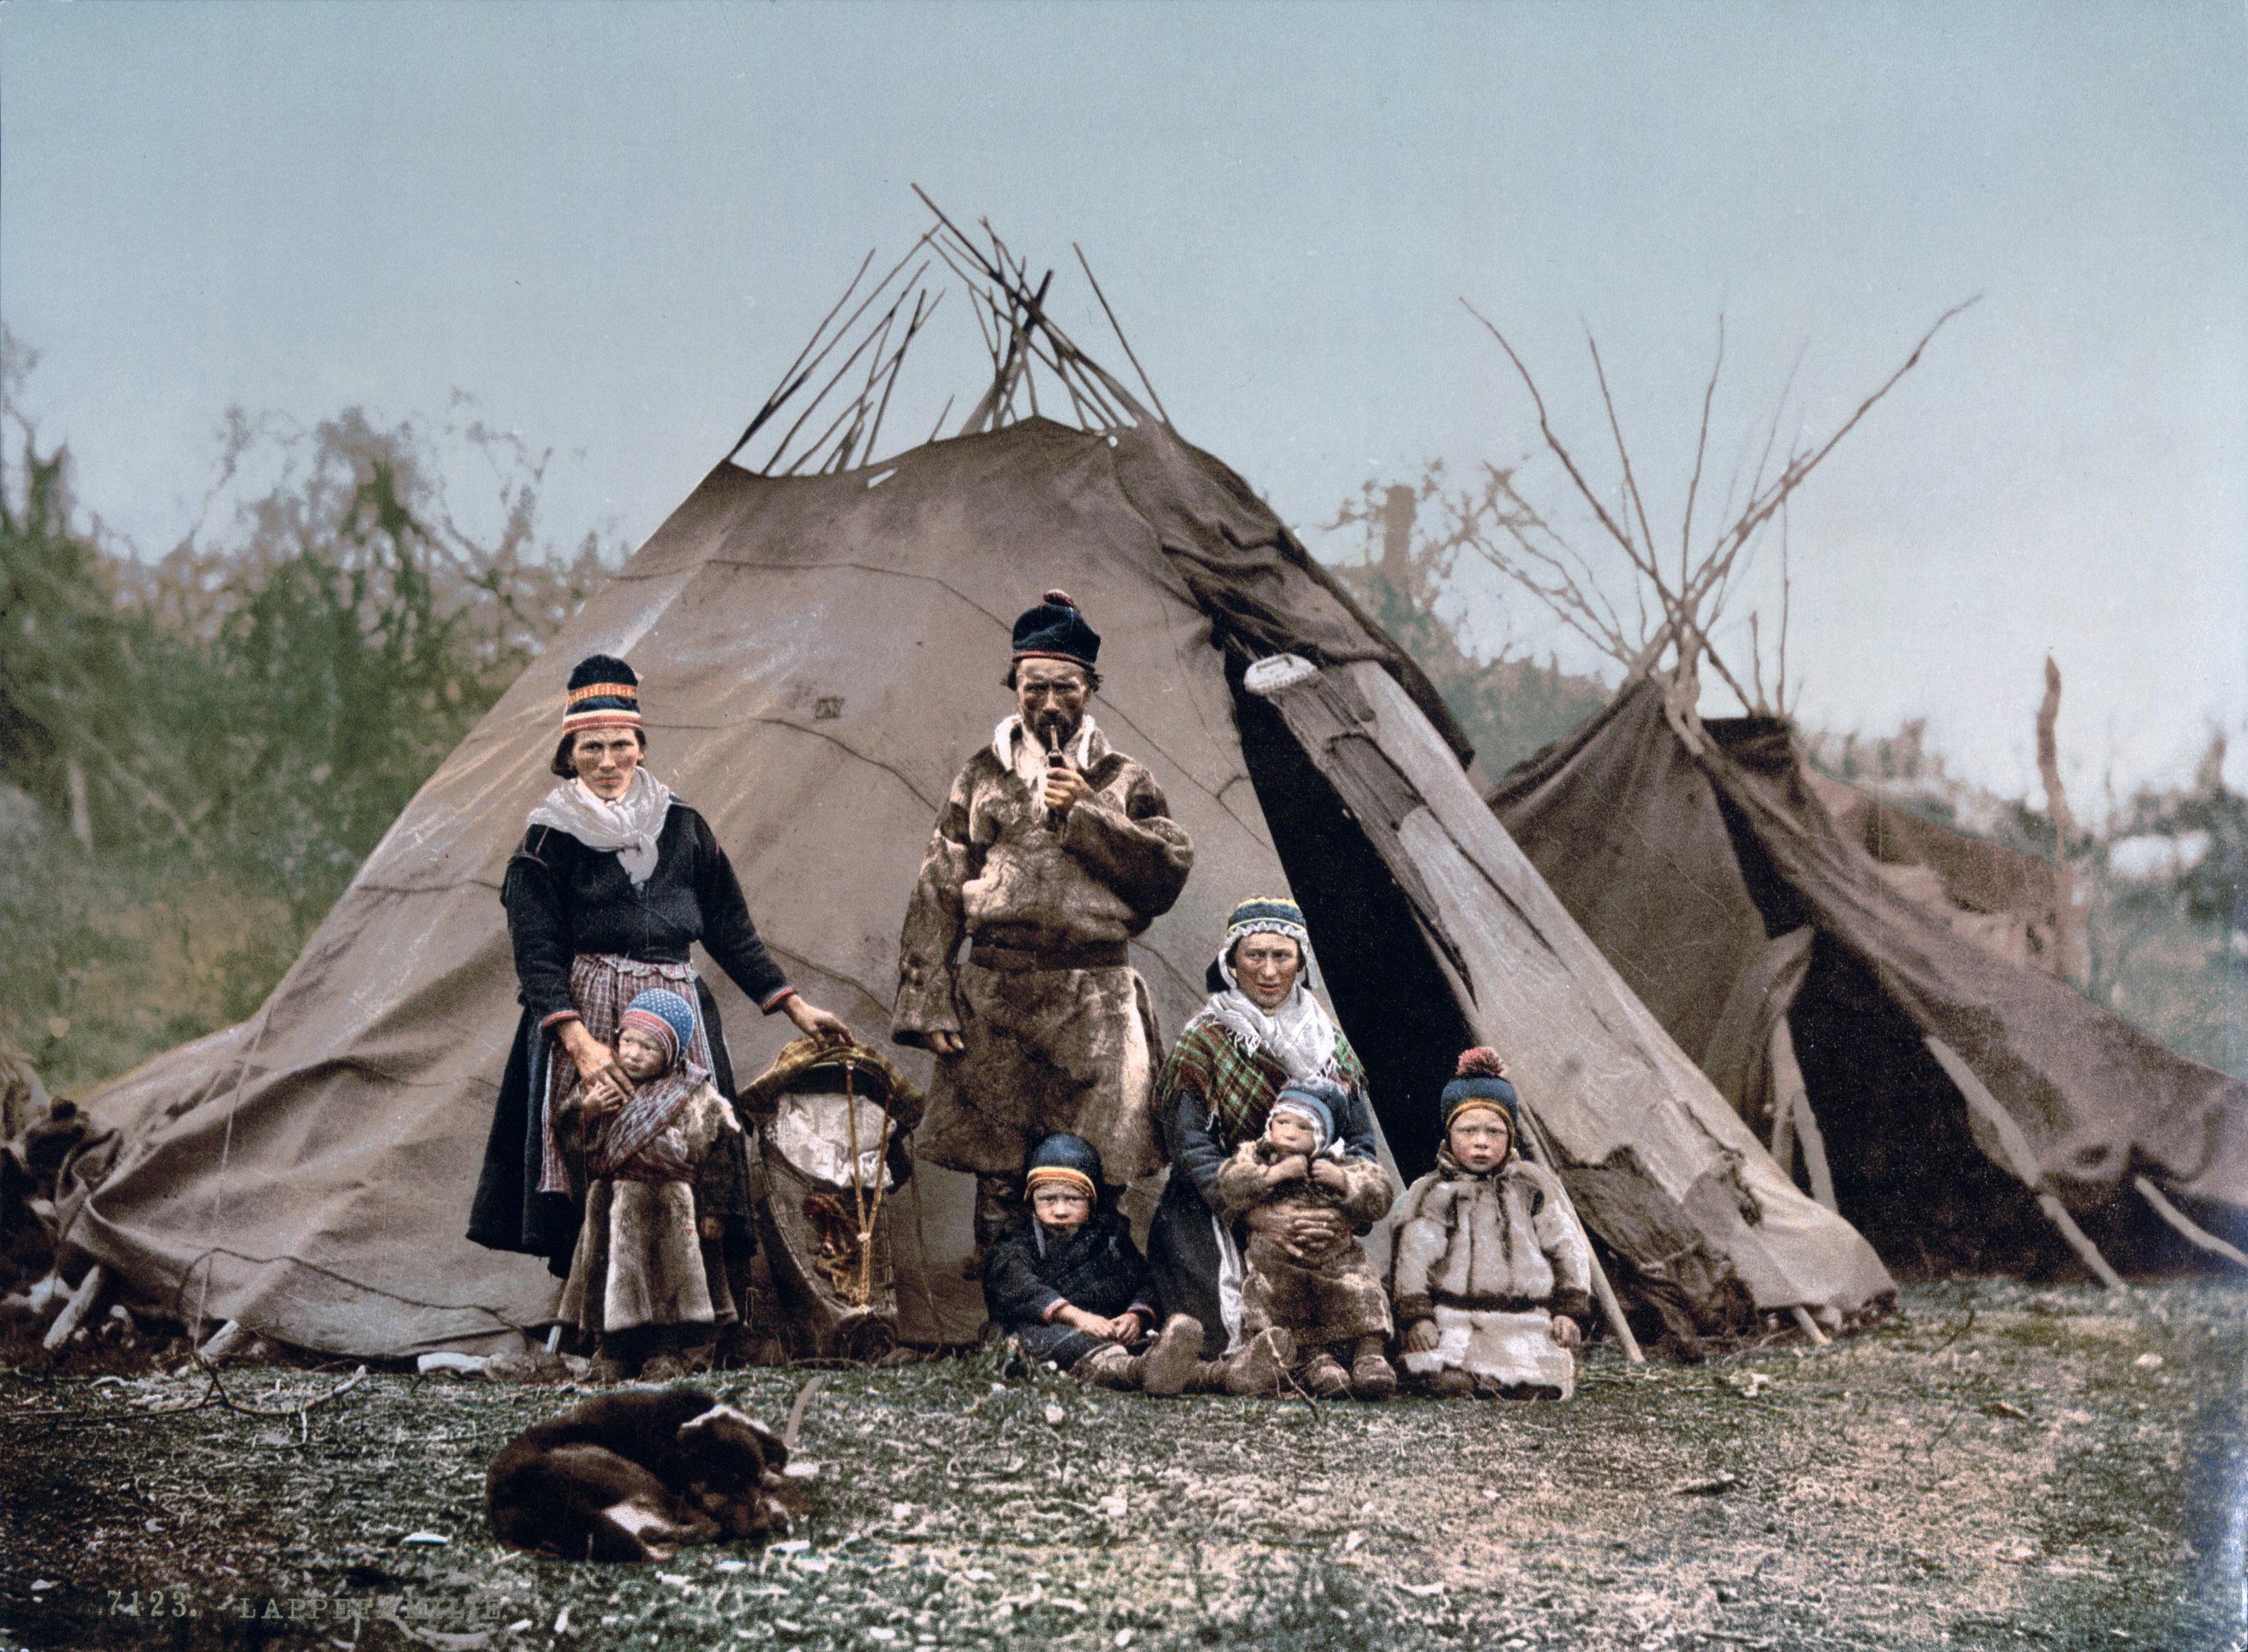 https://i1.wp.com/upload.wikimedia.org/wikipedia/commons/8/87/Saami_Family_1900.jpg